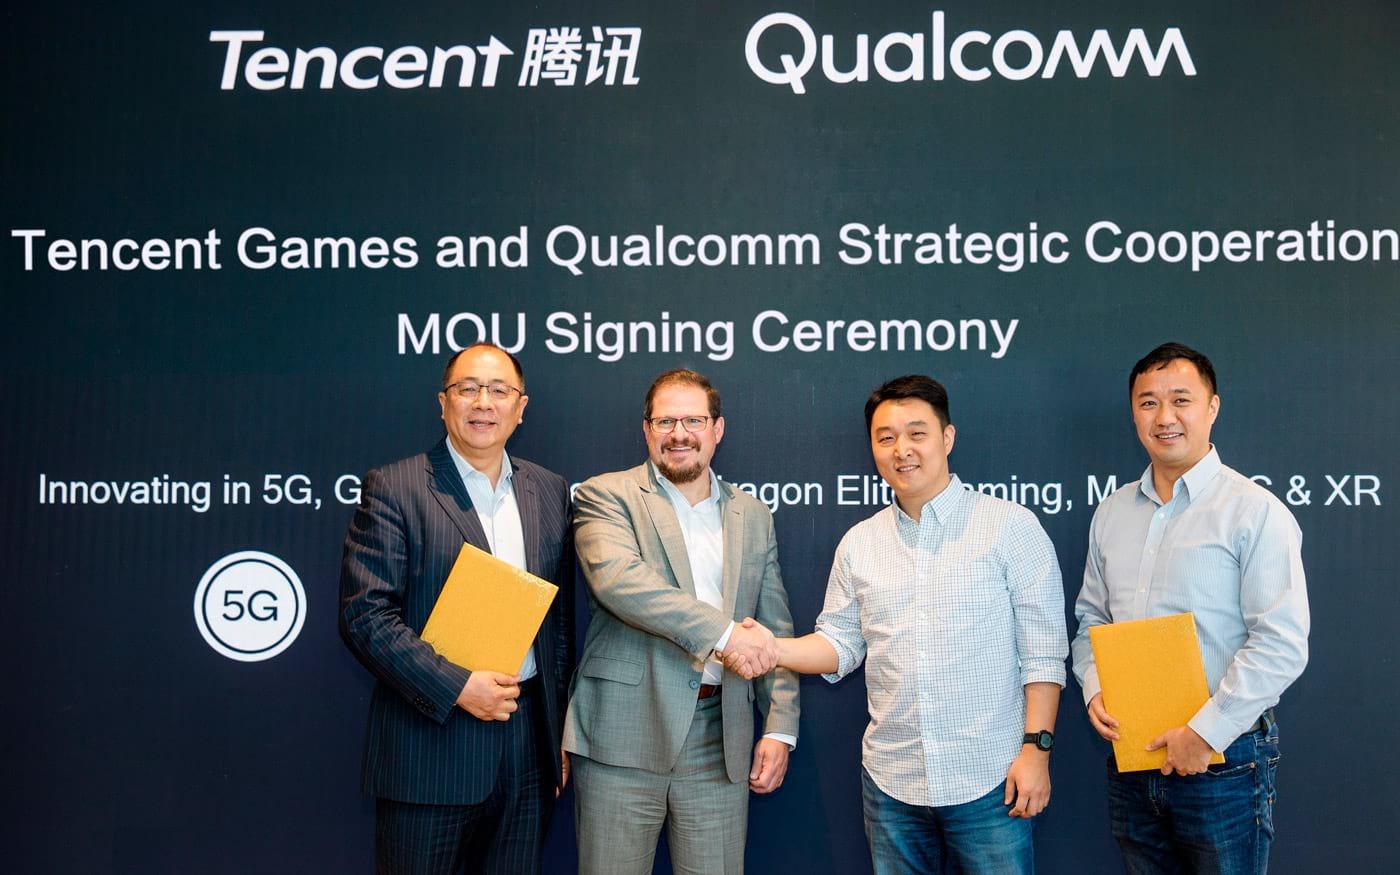 Parceria entre Qualcomm e Tencent Games